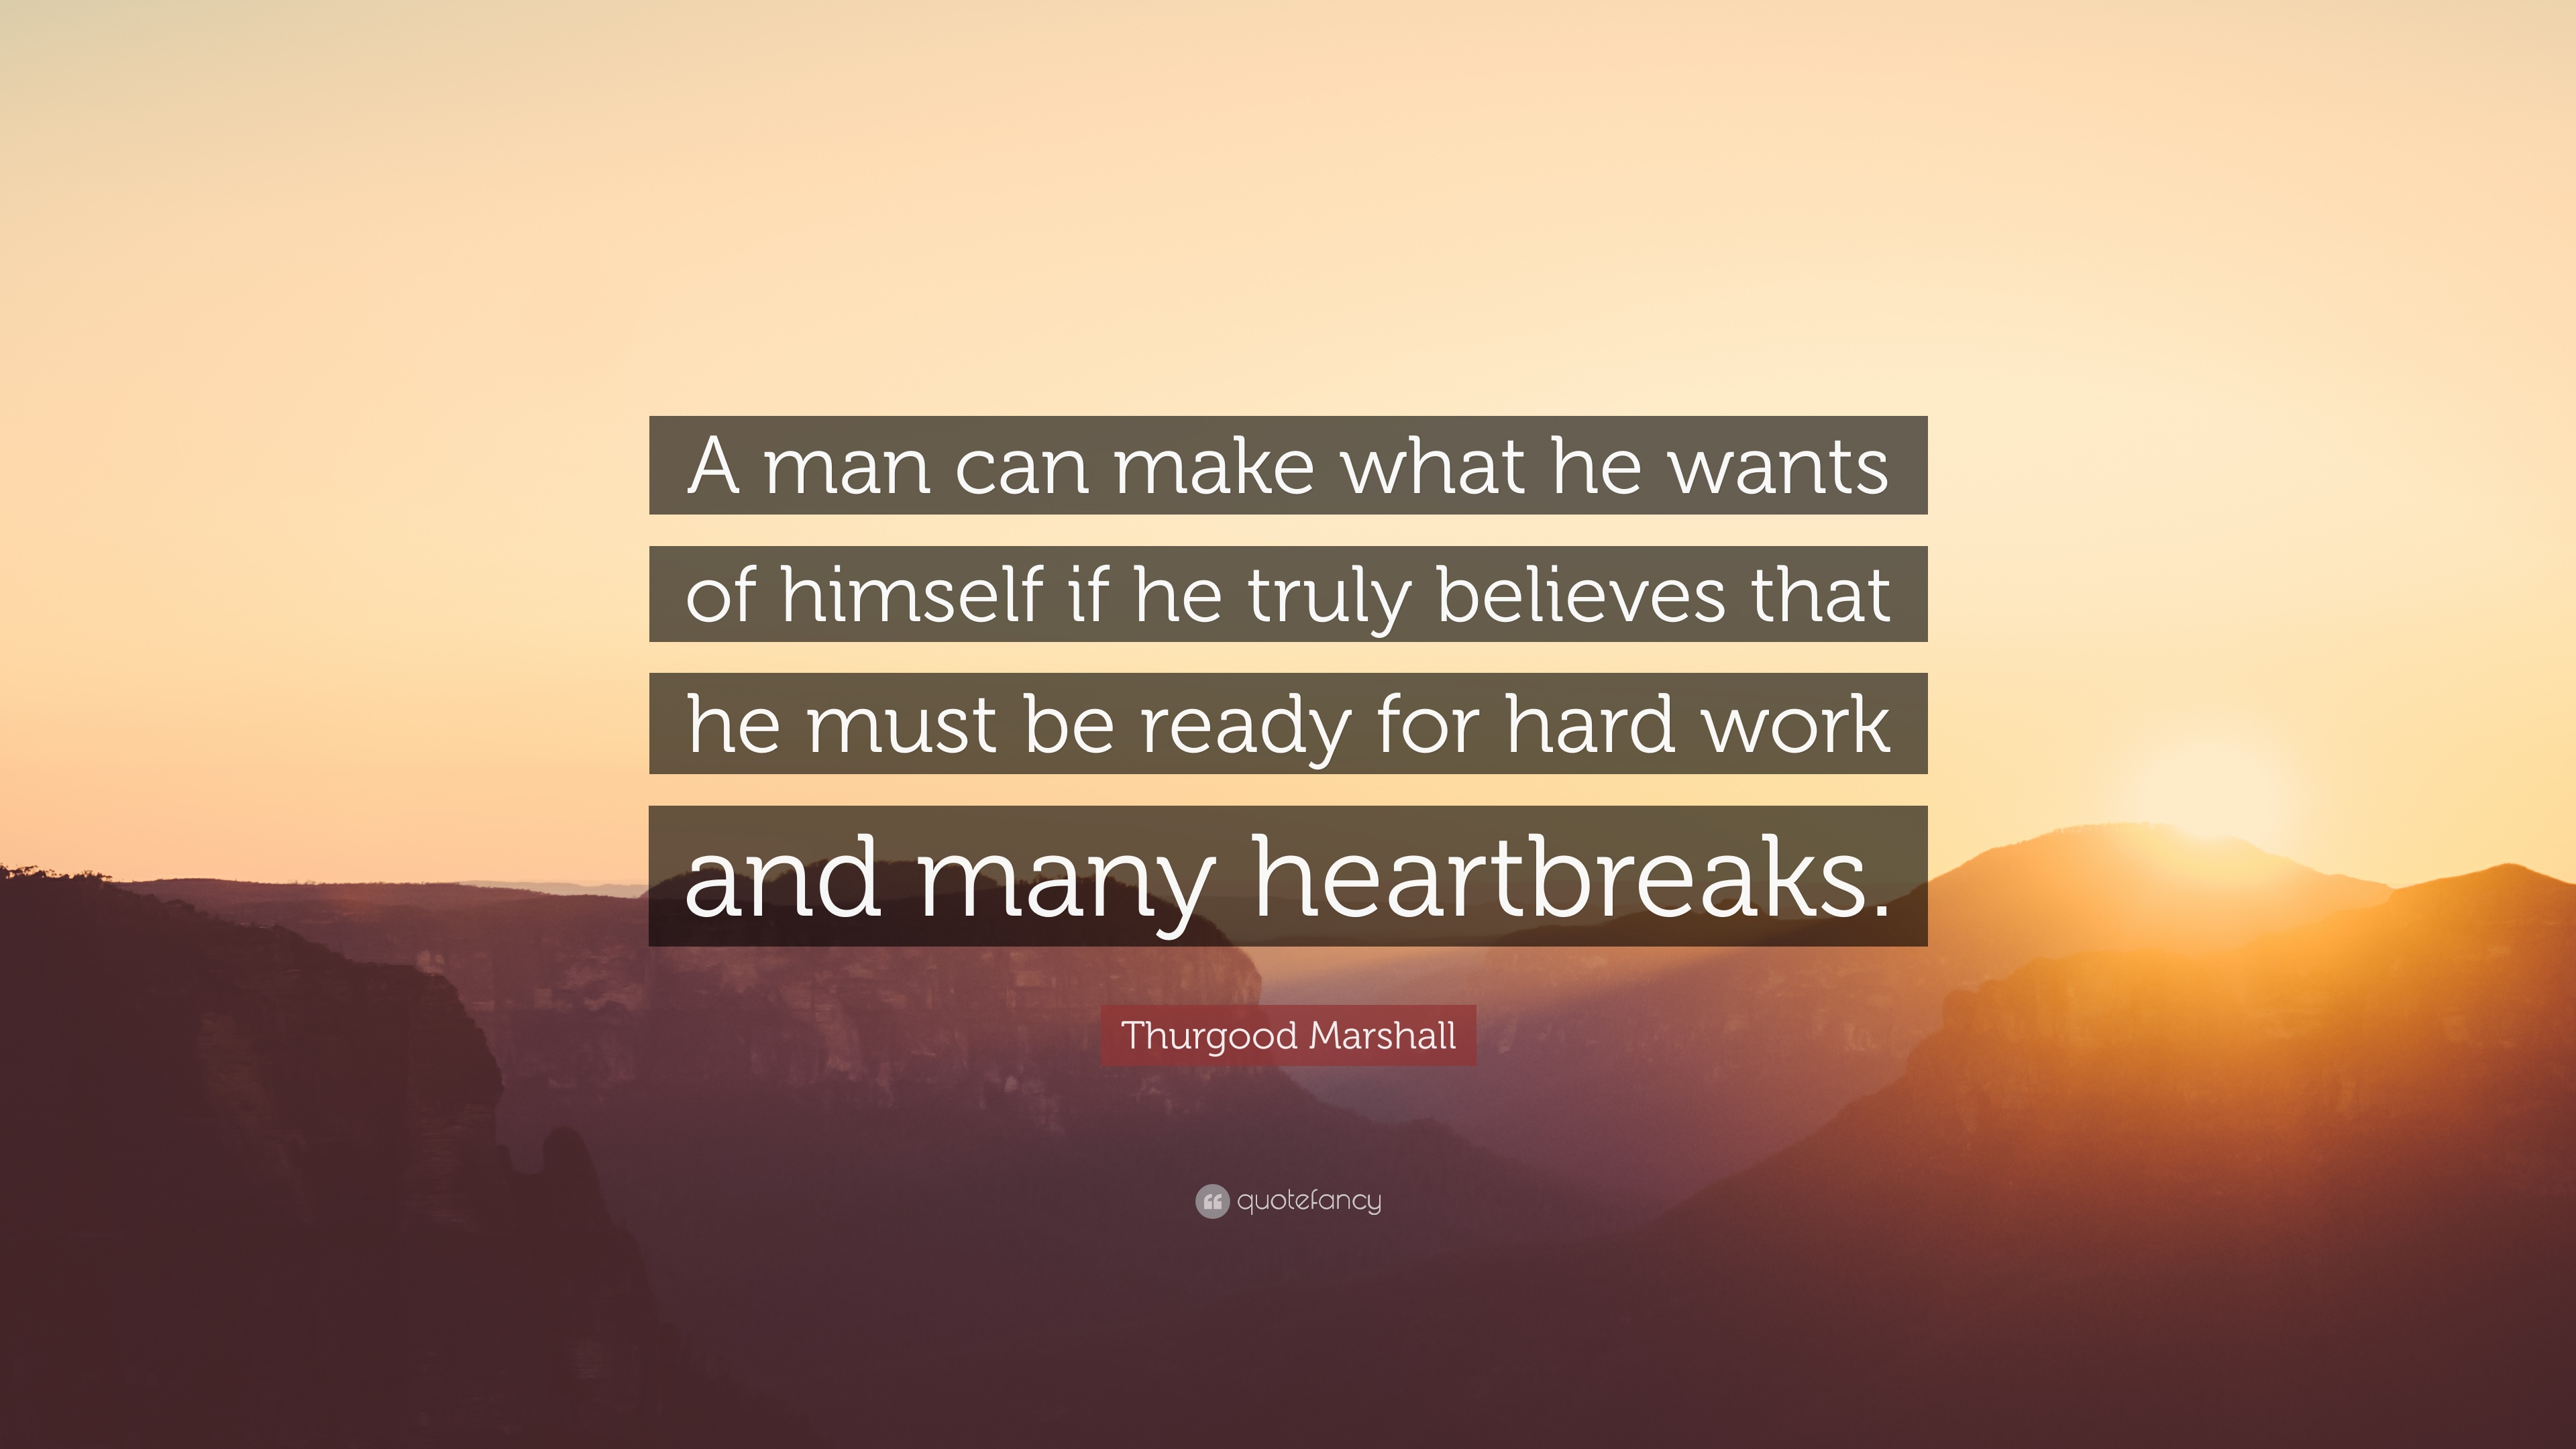 Thurgood Marshall Quotes Thurgood Marshall Quotes 33 Wallpapers  Quotefancy